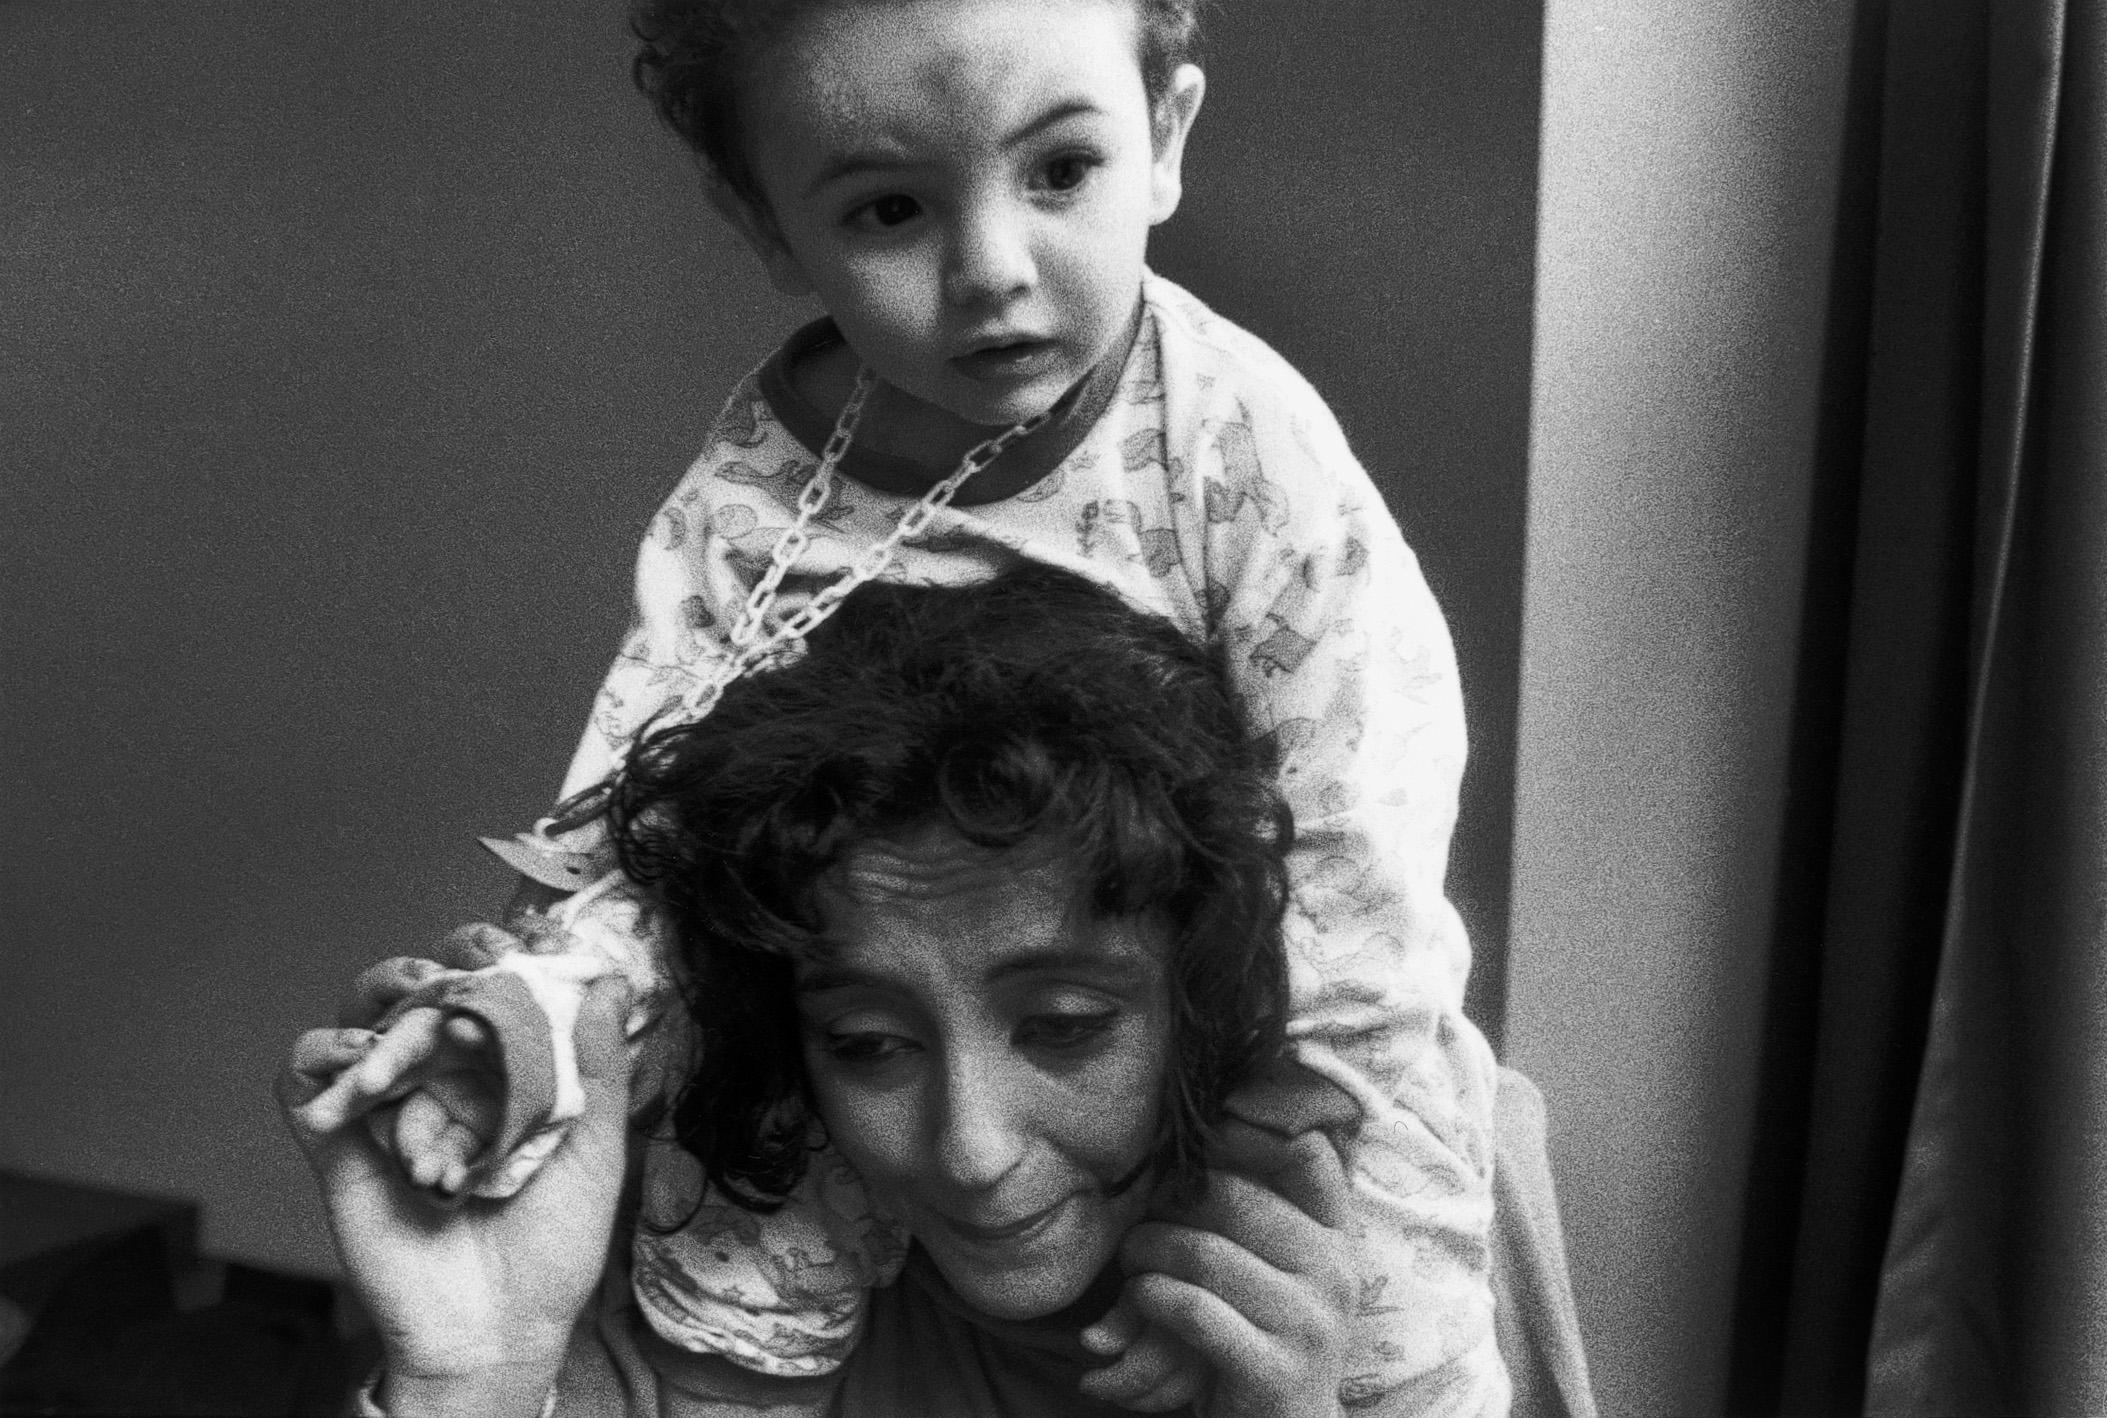 Helena Benjouira #5, Brussels 1998-1999